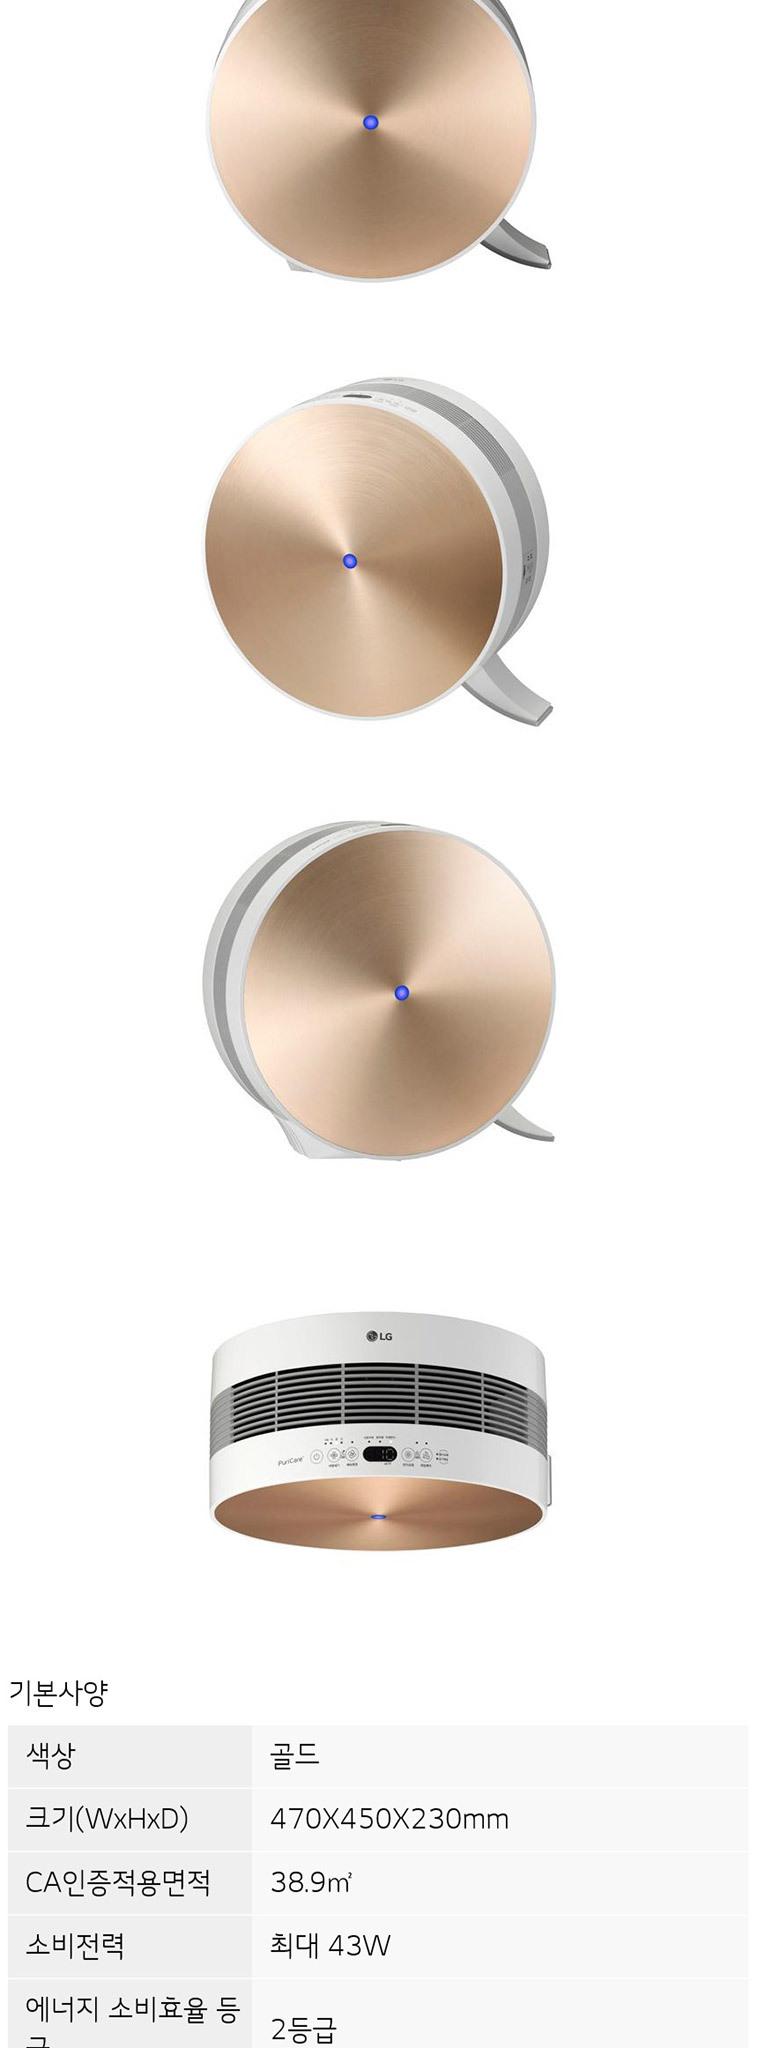 [즉시할인] LG퓨리케어 공기청정기  - 상세정보